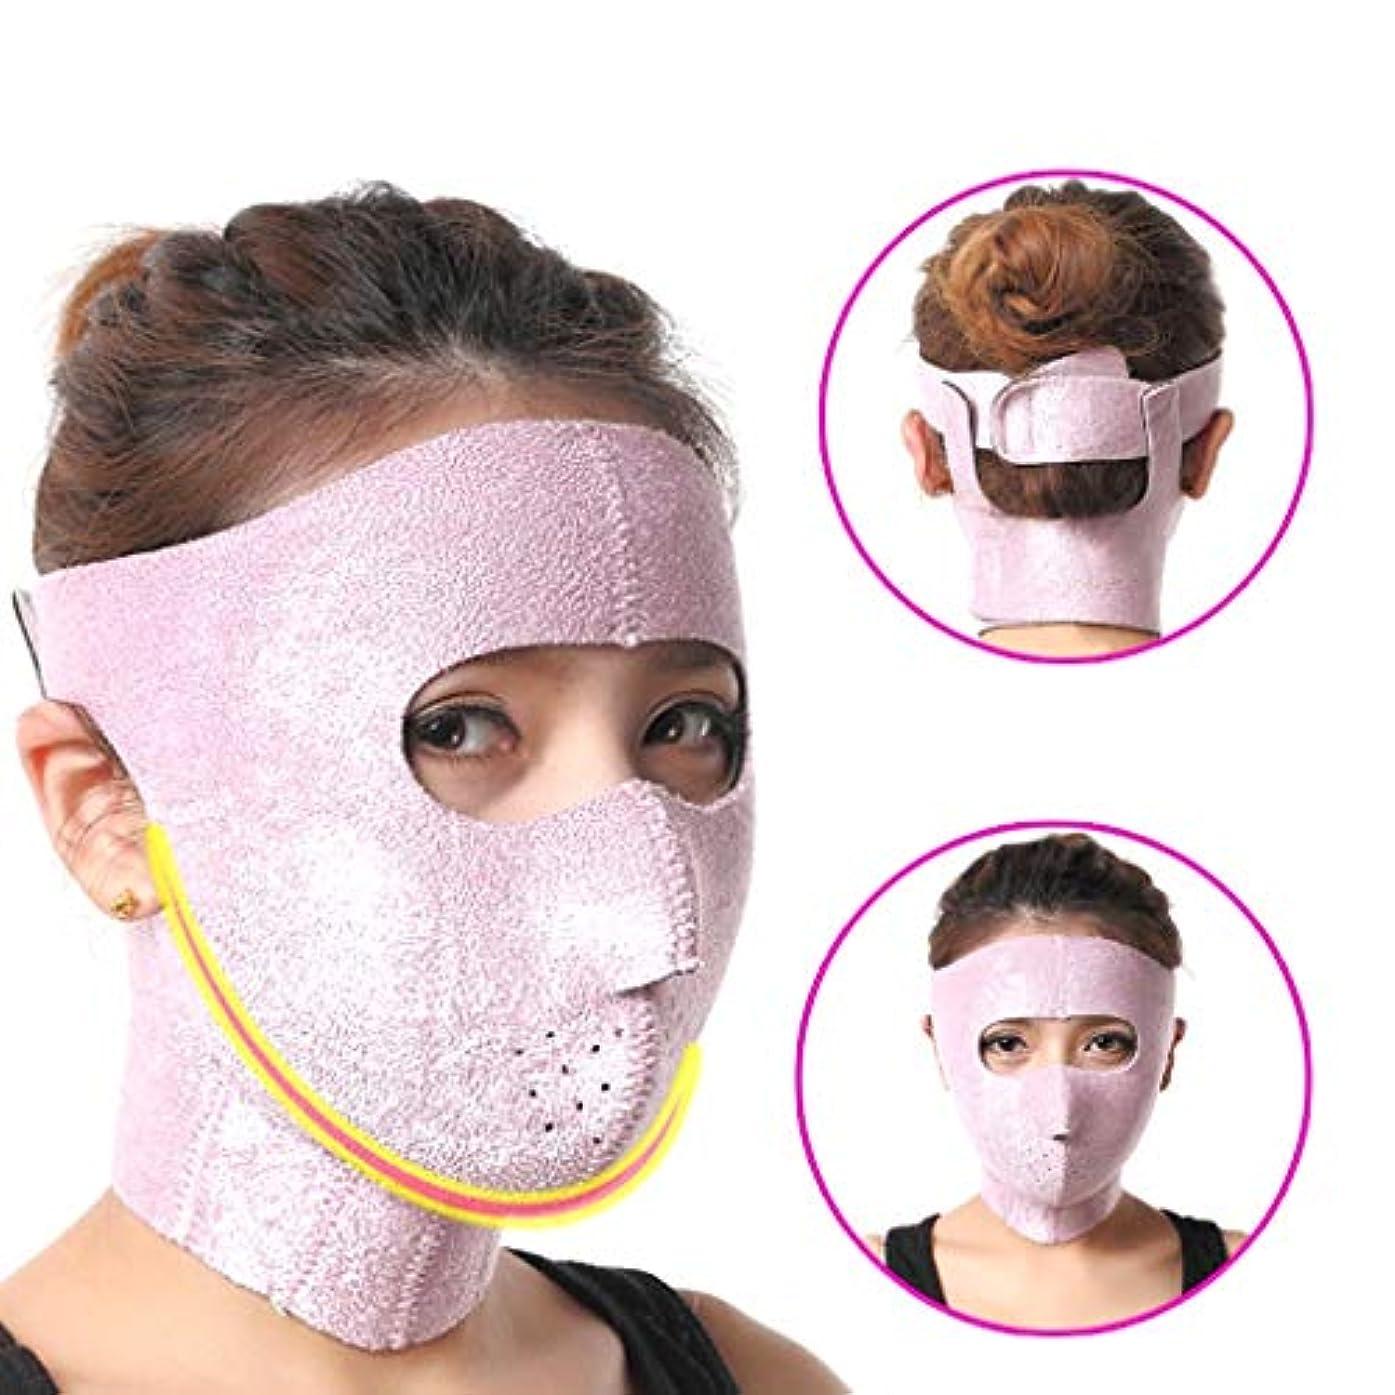 器官世紀漏斗XHLMRMJ 薄いあご修正ツール、顔リフティングマスク、リフティングファーミング、Vフェイシャルマスク、改良された咬筋二重あご、男性と女性の両方に適しています